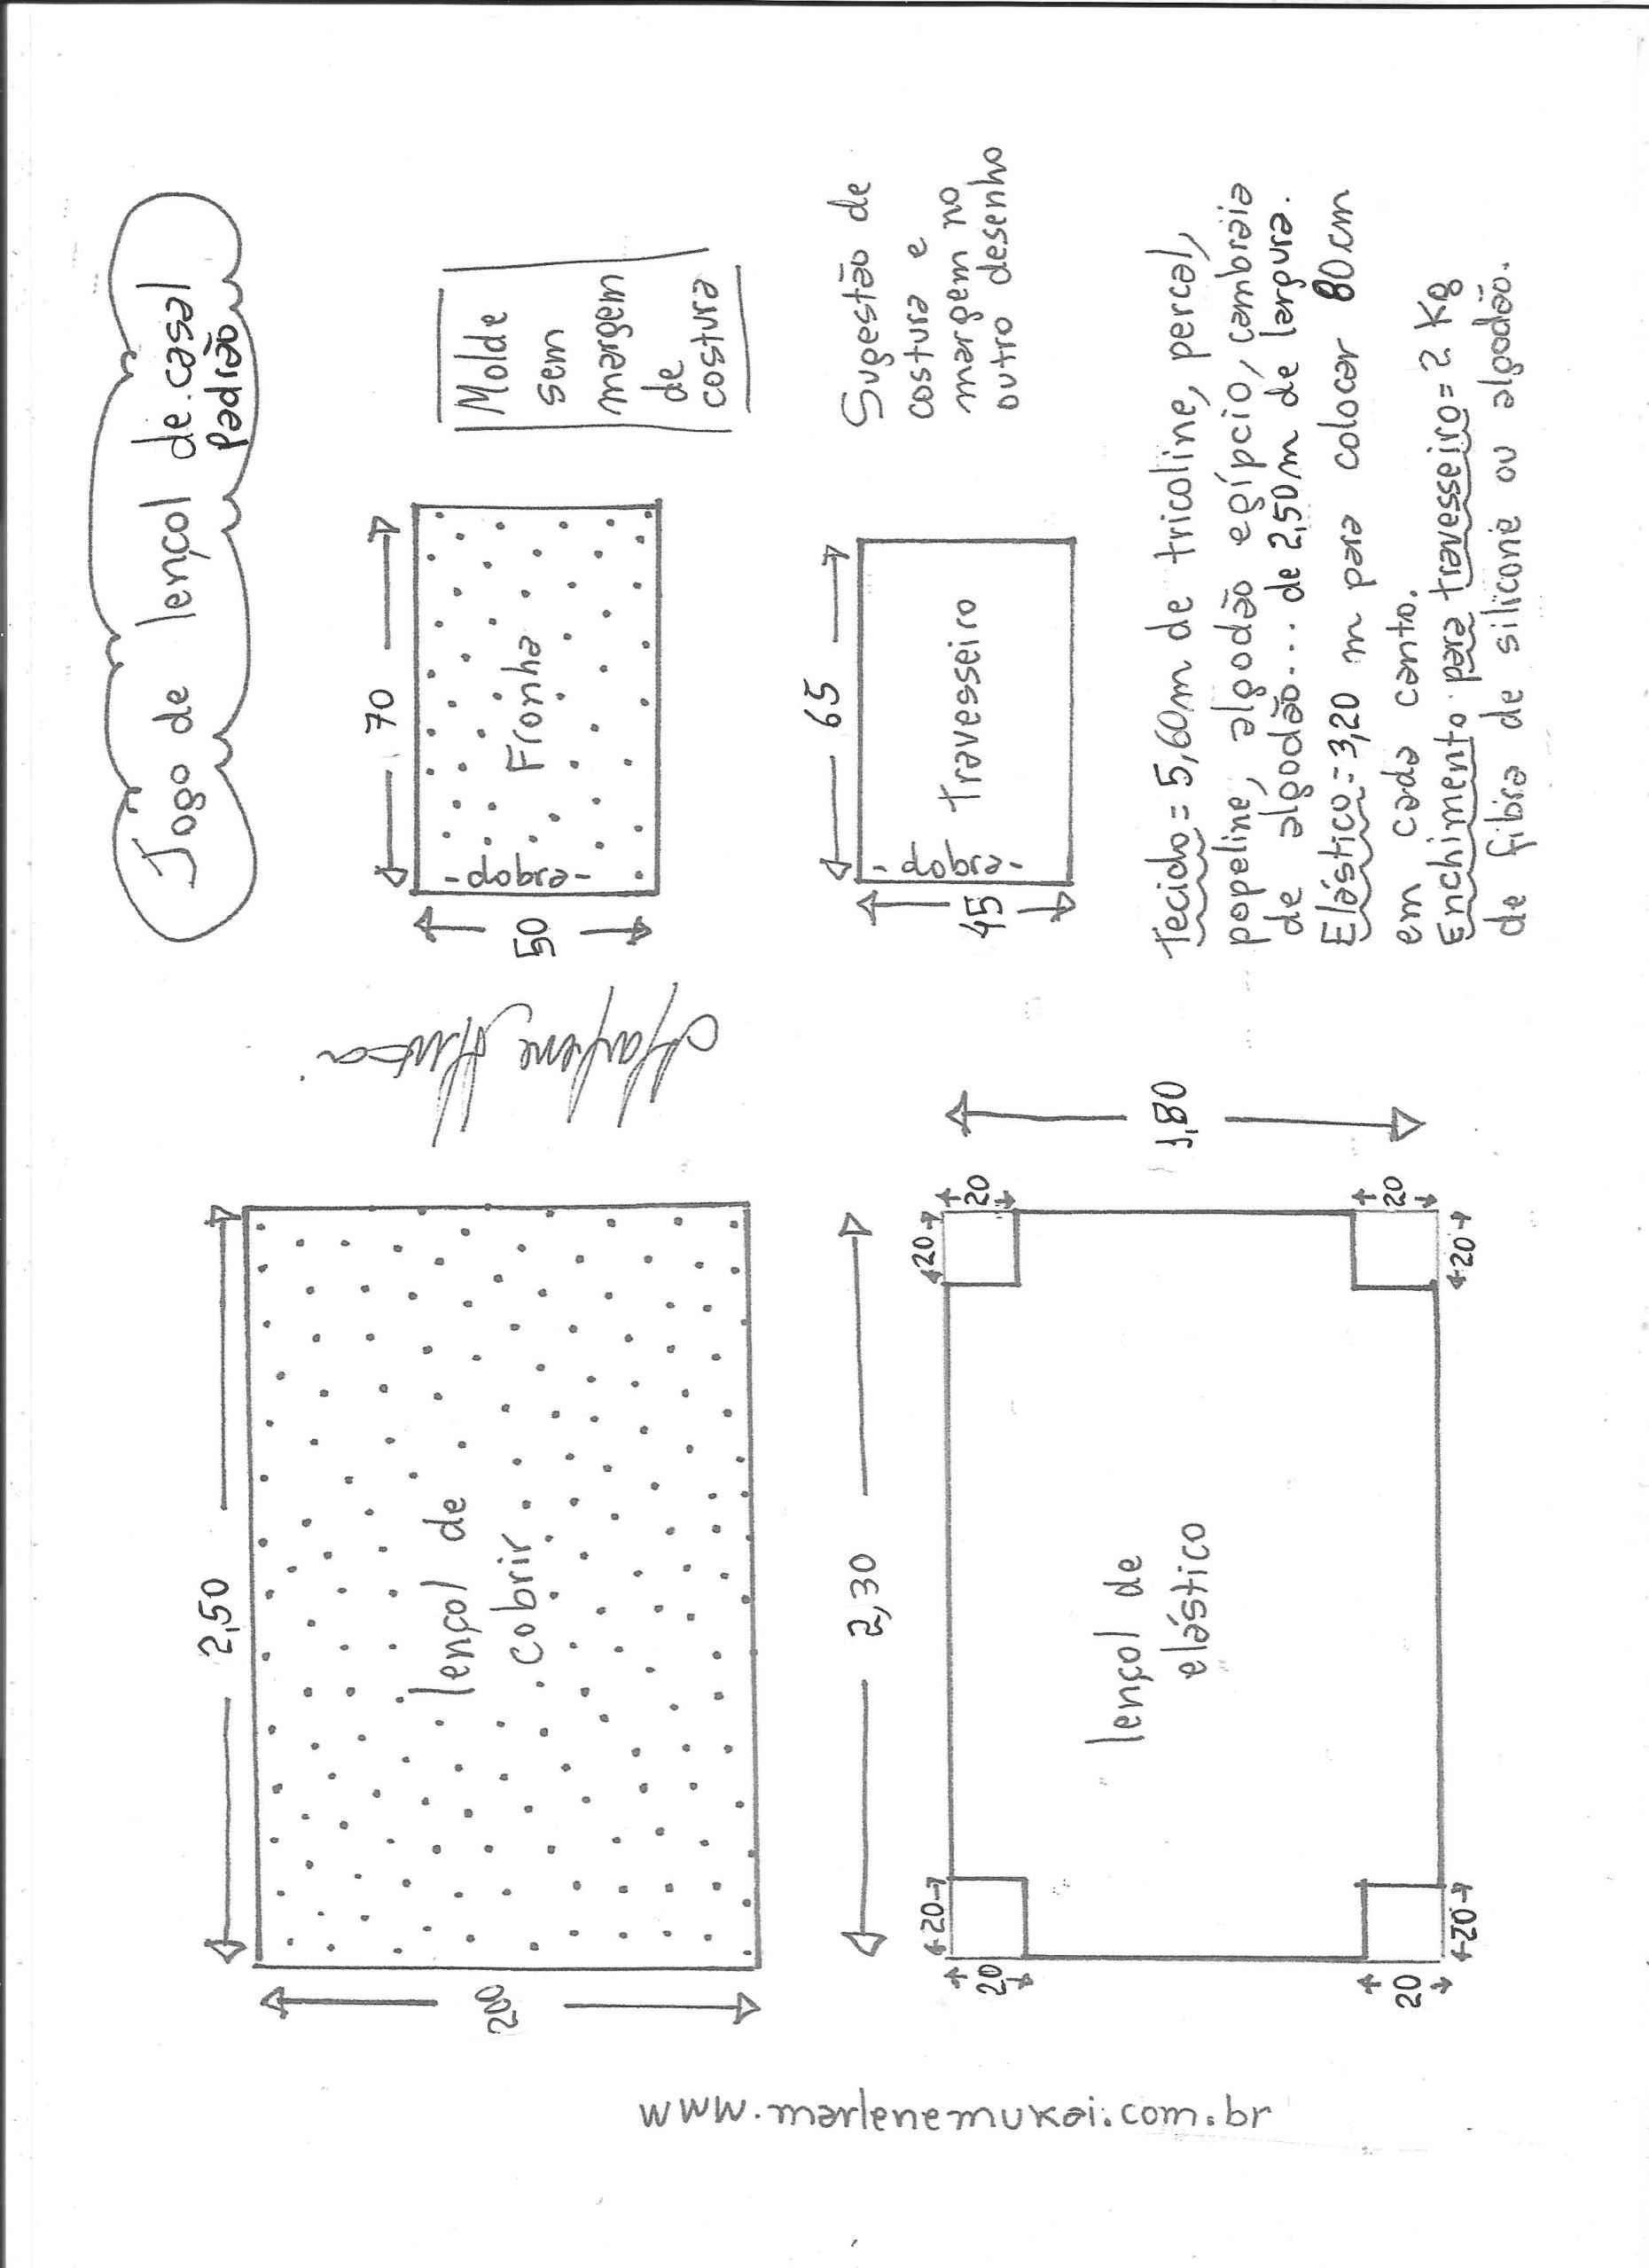 df443ac4e2 Esquema de modelagem de jogo de lençol de casal padrão.